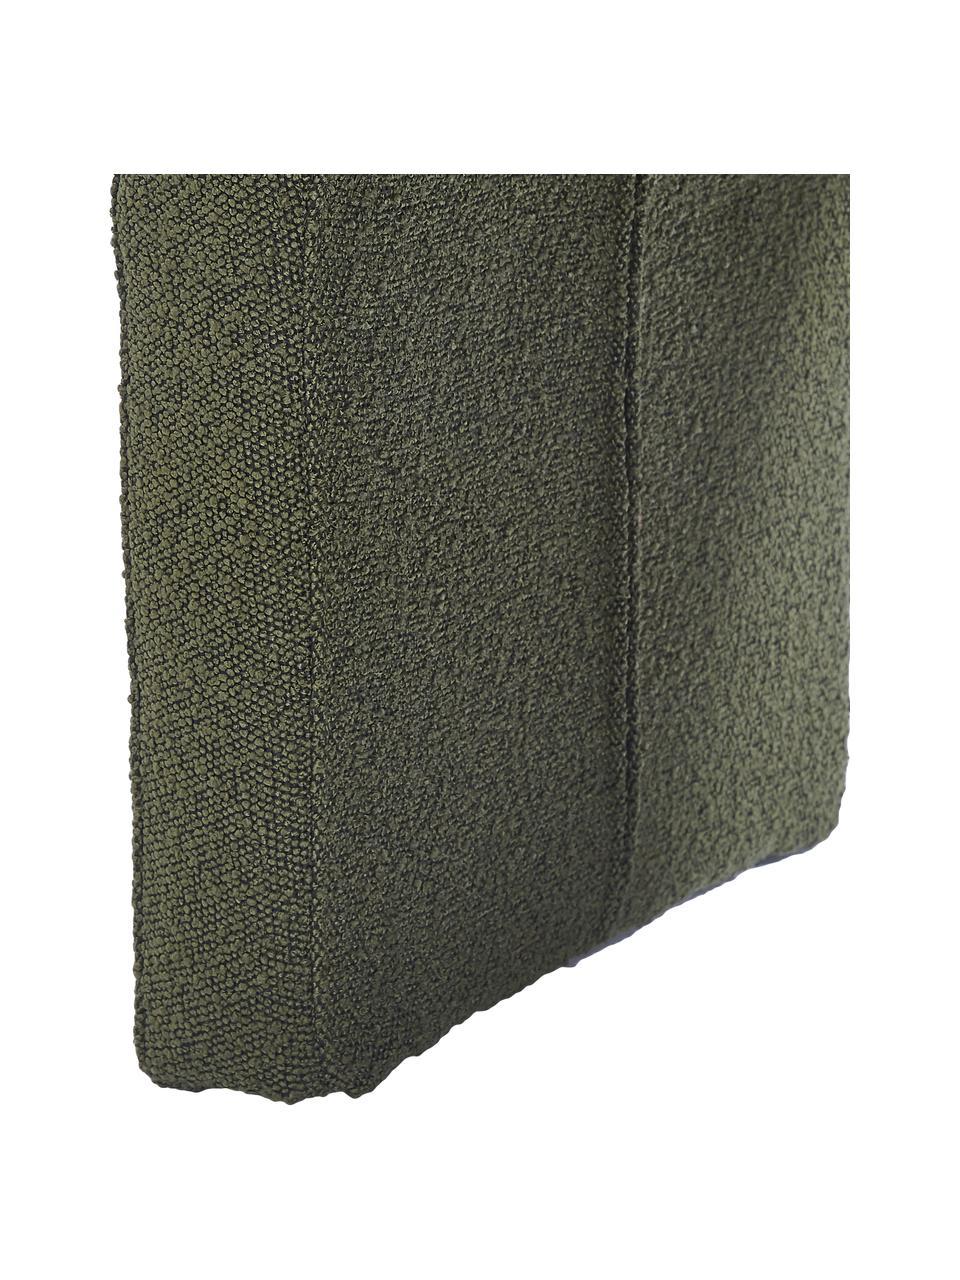 Banquette moderne en tissu bouclé Penelope, Tissu bouclé vert